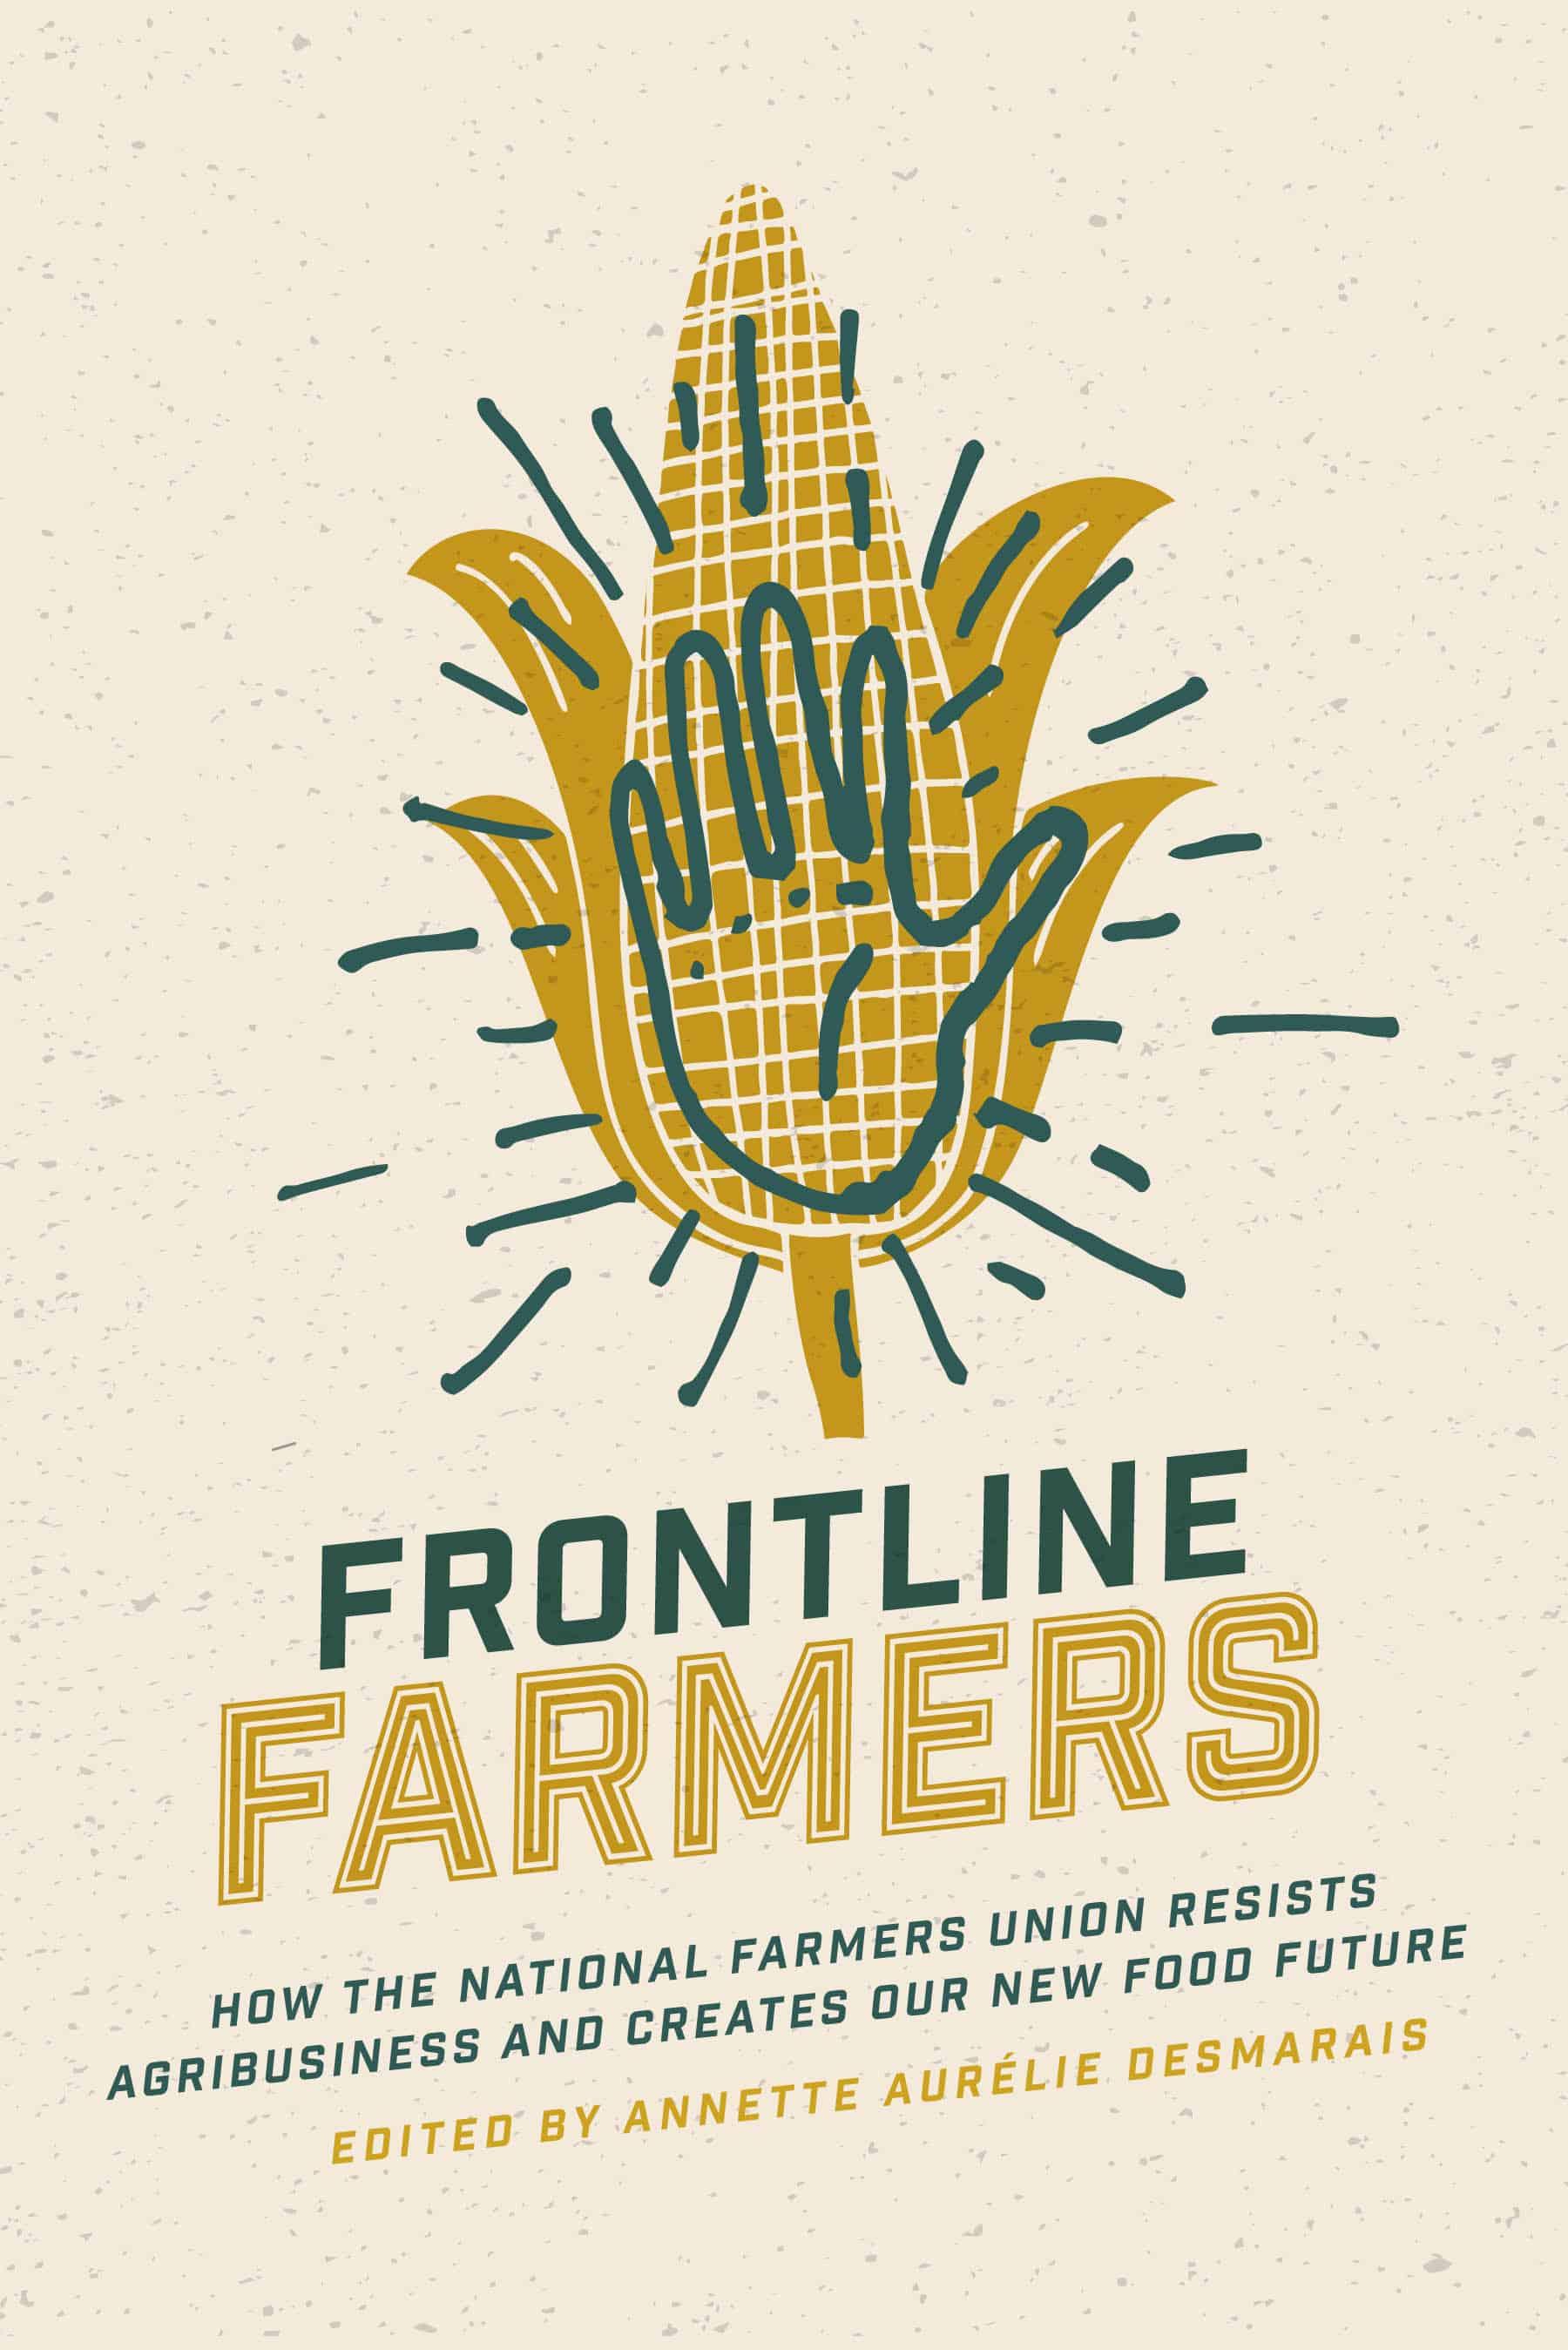 Agriculteurs de première ligne